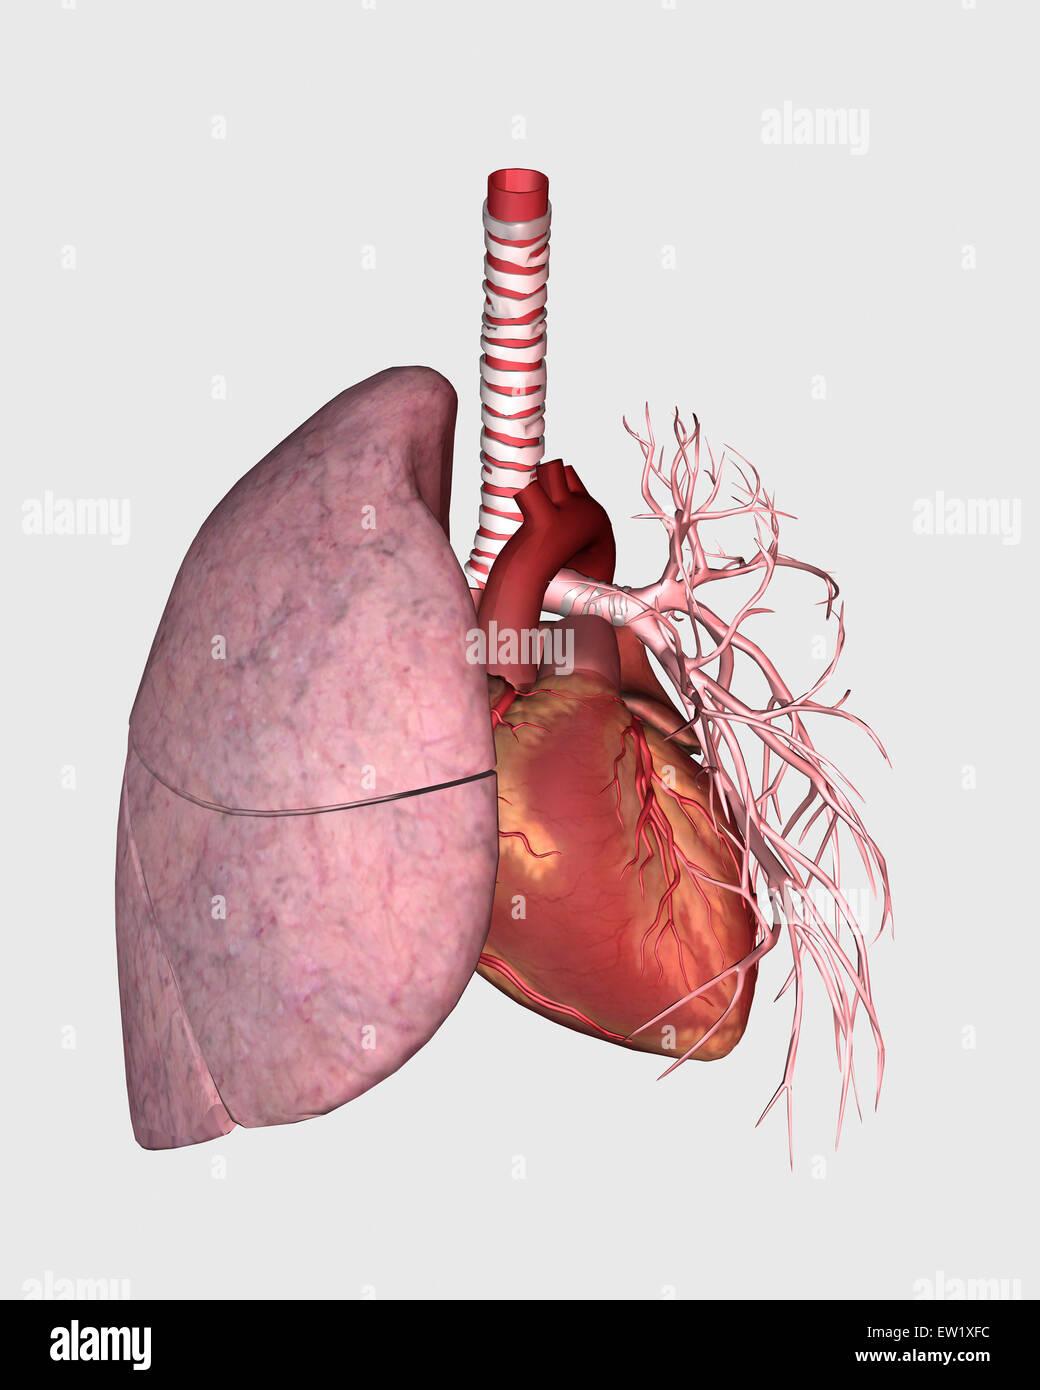 Lungenkreislauf des menschlichen Herzens und der Lunge Stockfoto ...